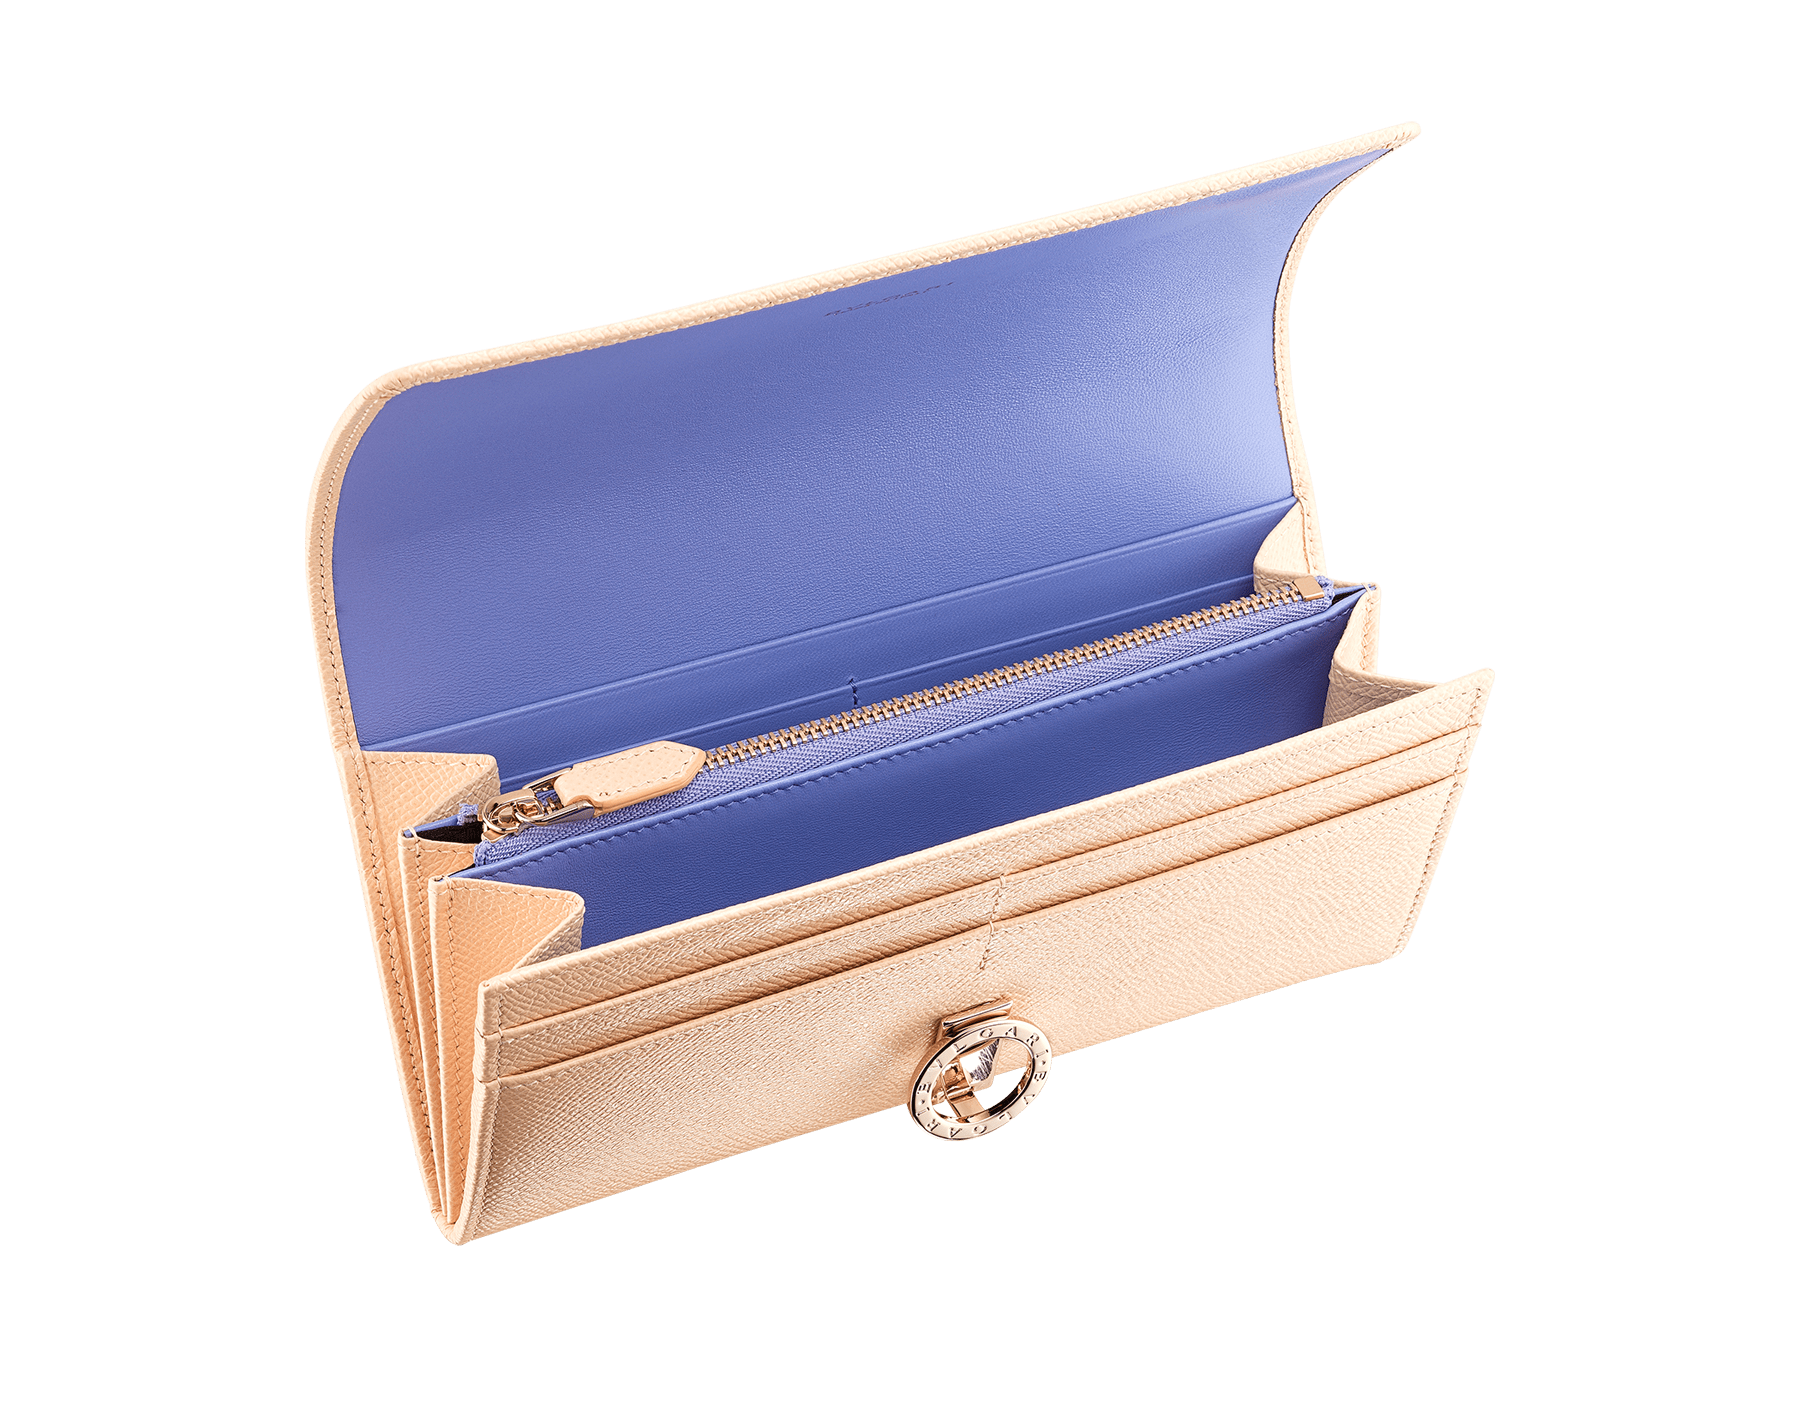 鮮やかなミントのグレインカーフレザーとタフィークォーツのナッパレザーのラージサイズのブルガリ・ブルガリ ウォレット。ブラスライトゴールドプレートのアイコニックなロゴのクロージャークリップ。 579-WLT-POCHE-16CCa image 2